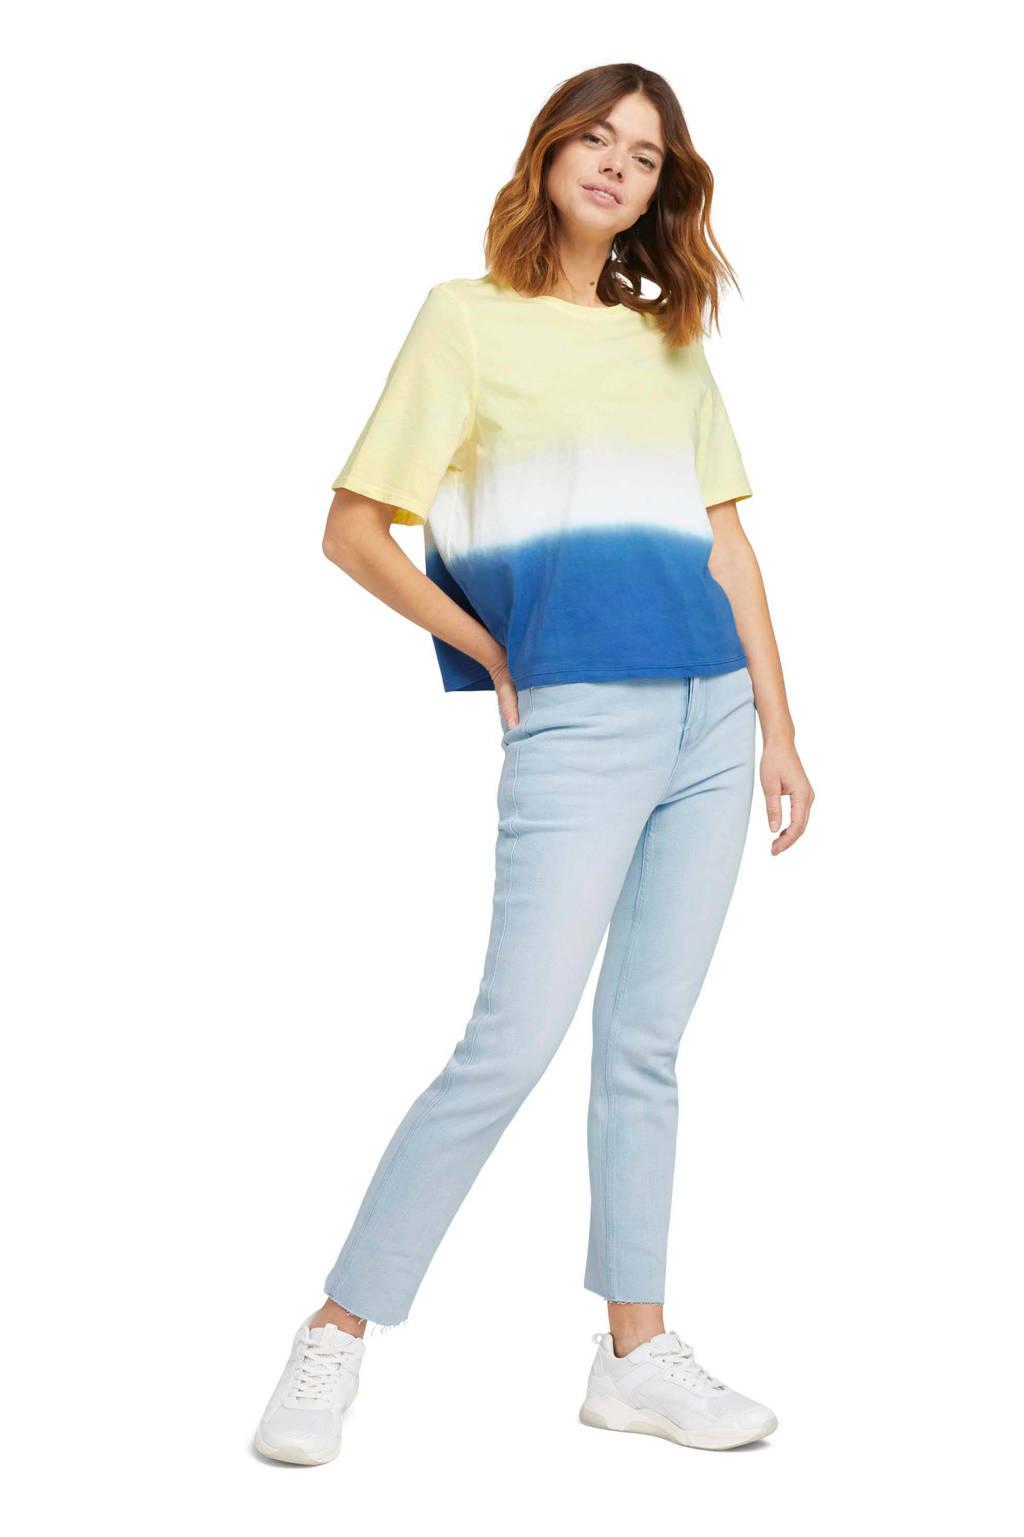 Tom Tailor Denim T-shirt geel/wit/blauw, Geel/wit/blauw